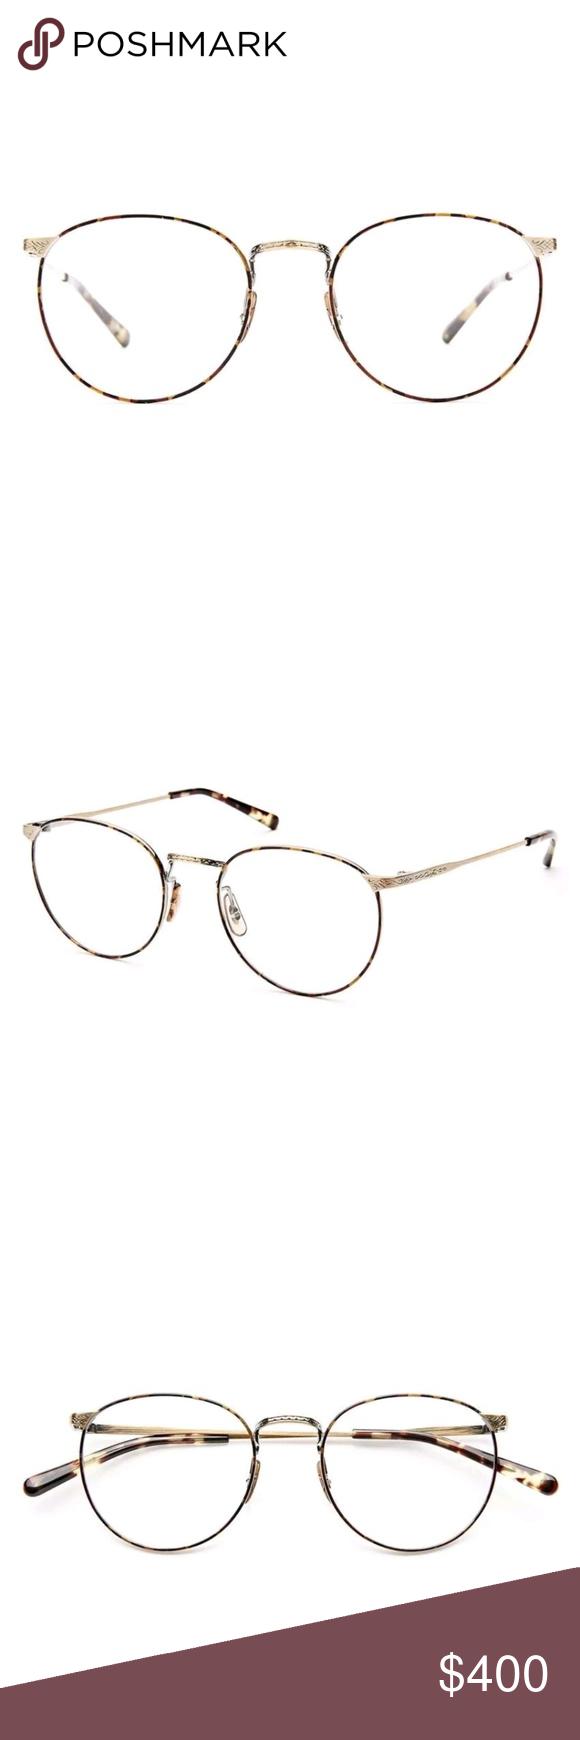 ed14ac37545 SALT Glasses Brower Antique Gold Tortoise frames GORGEOUS Salt Optics frames!  Brower model in Antique